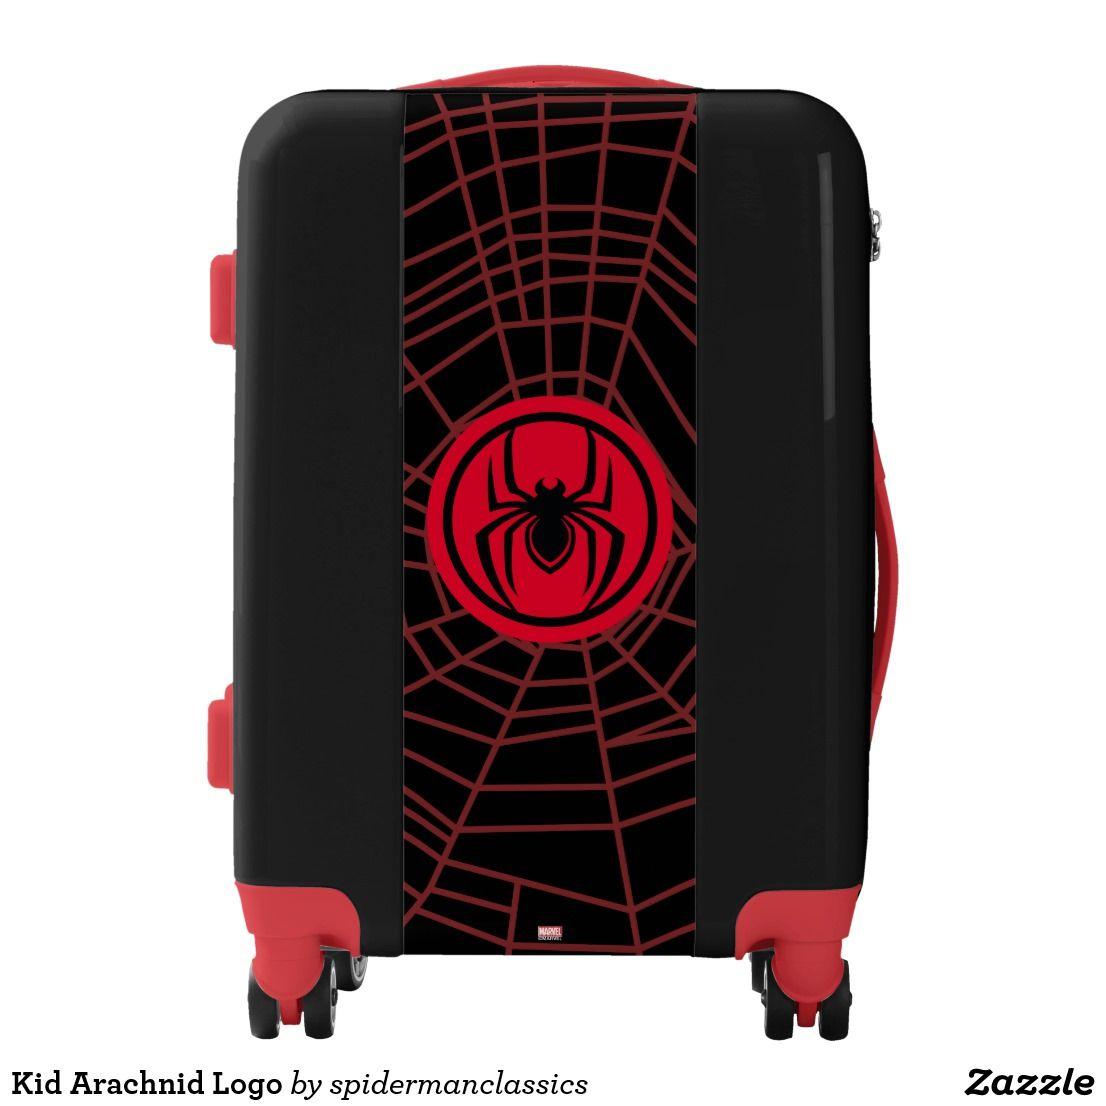 Kid Arachnid Logo Luggage Zazzle Com Luggage Carry On Luggage Tsa Luggage Lock